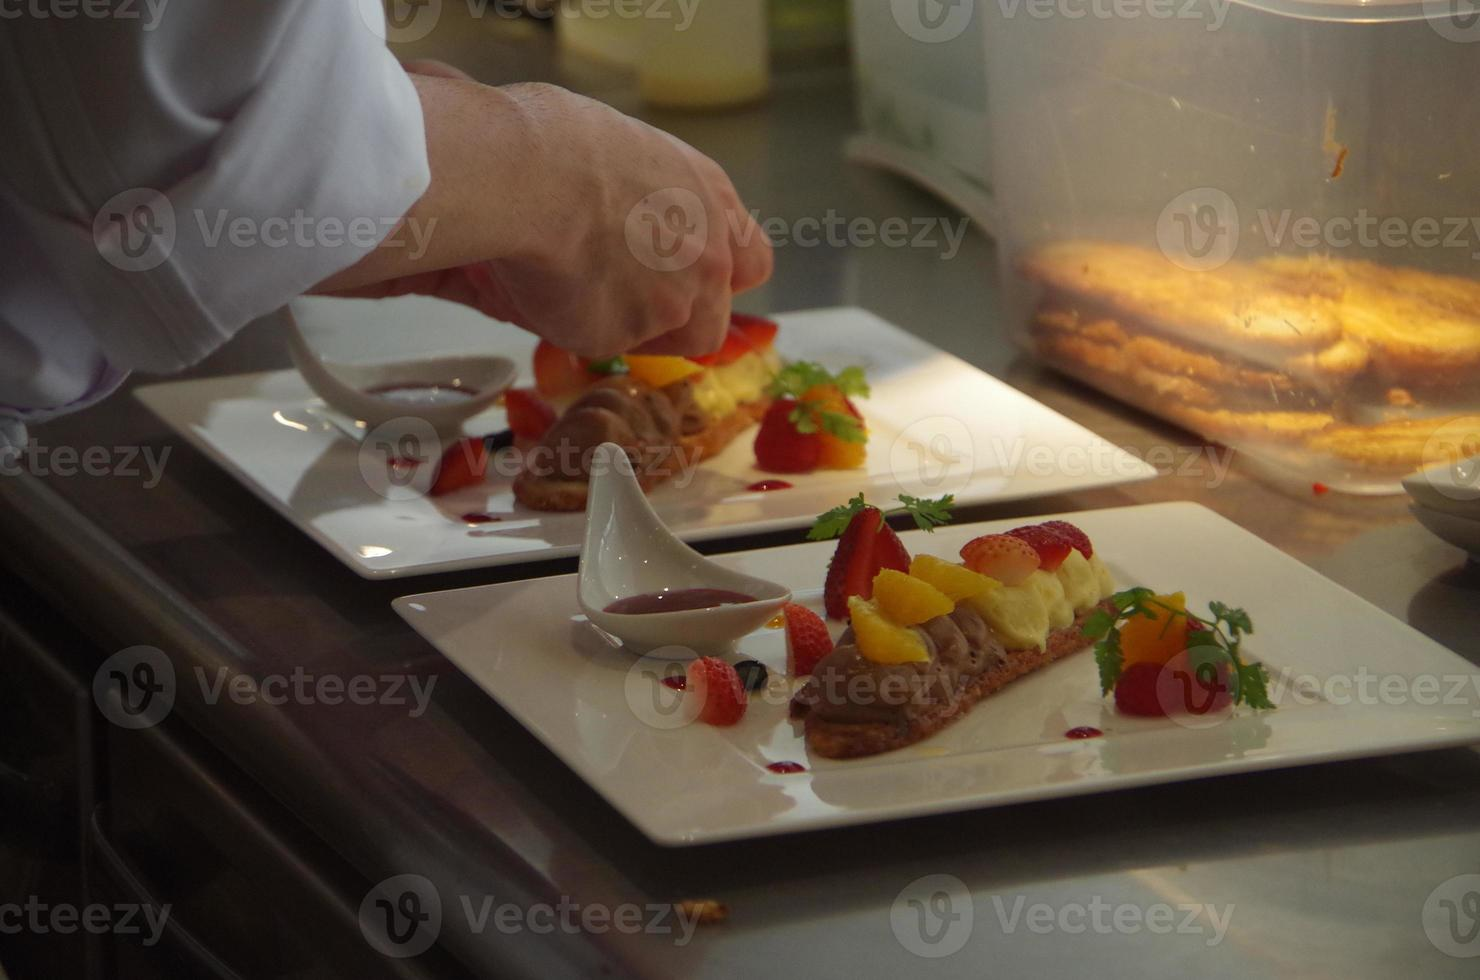 Pastry chef photo